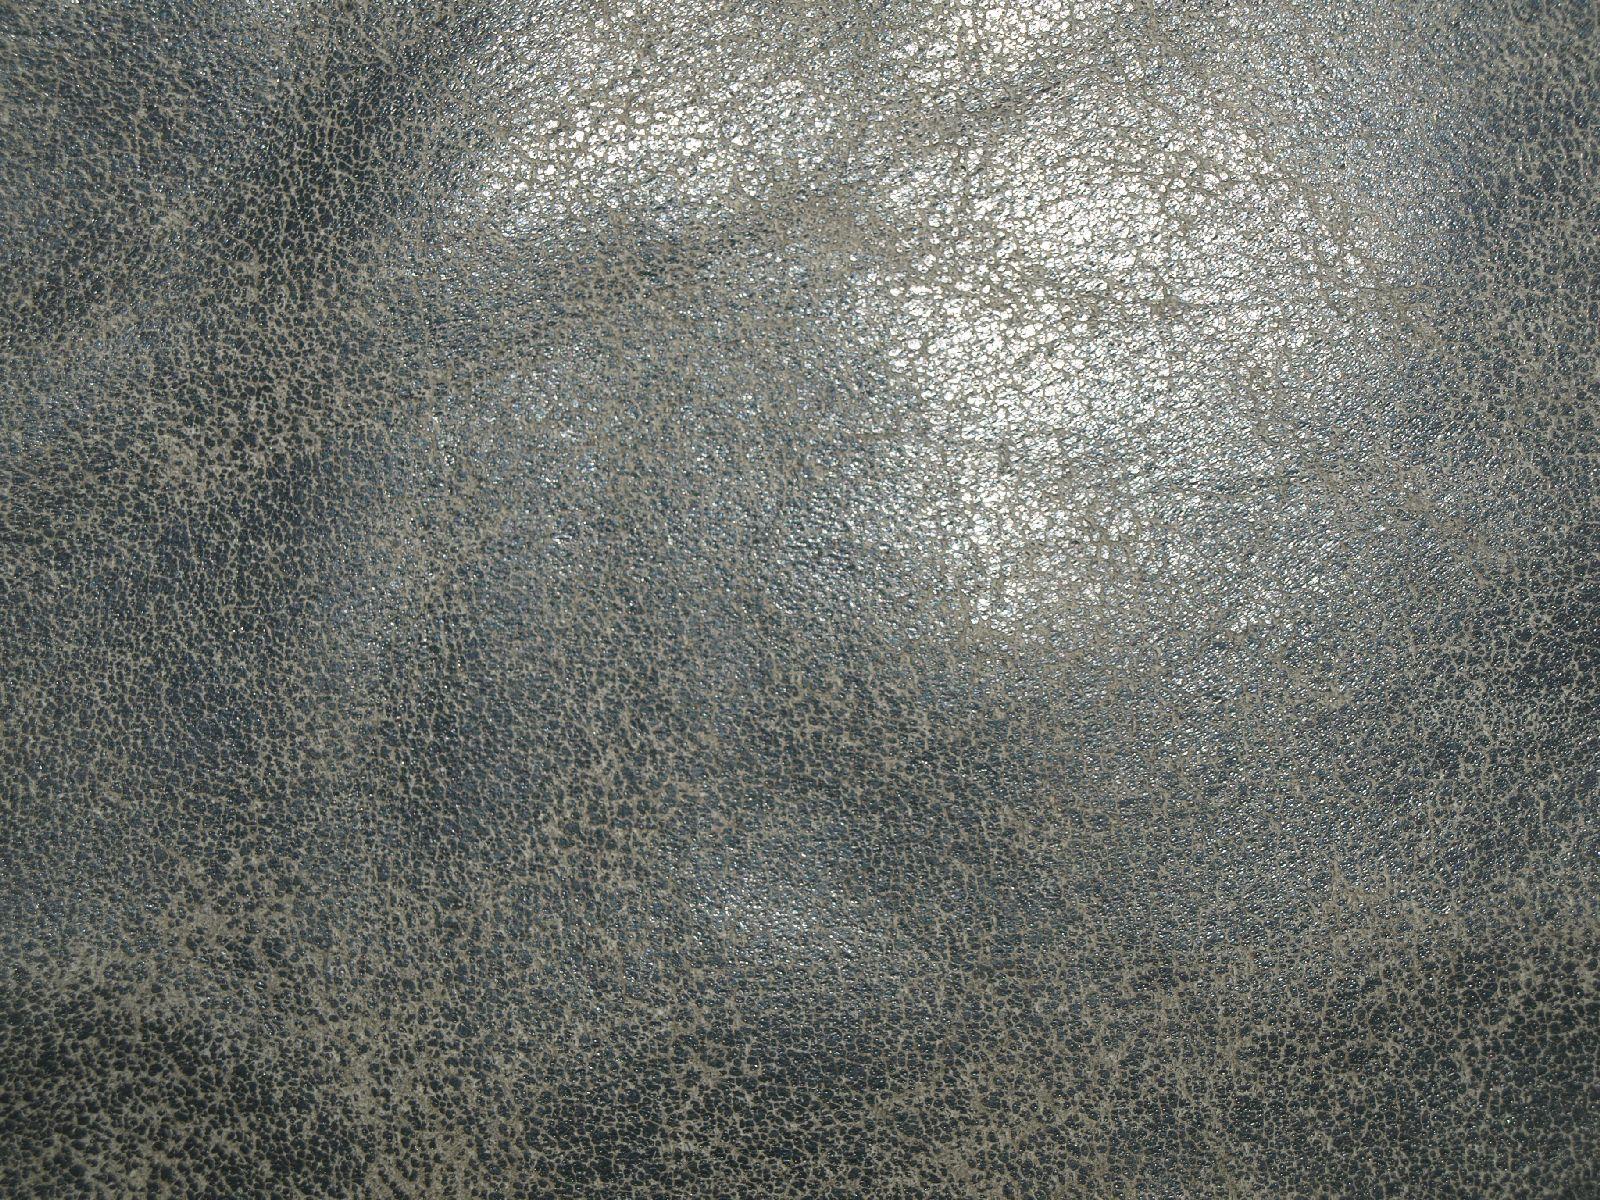 Various_Texture_A_PB226769